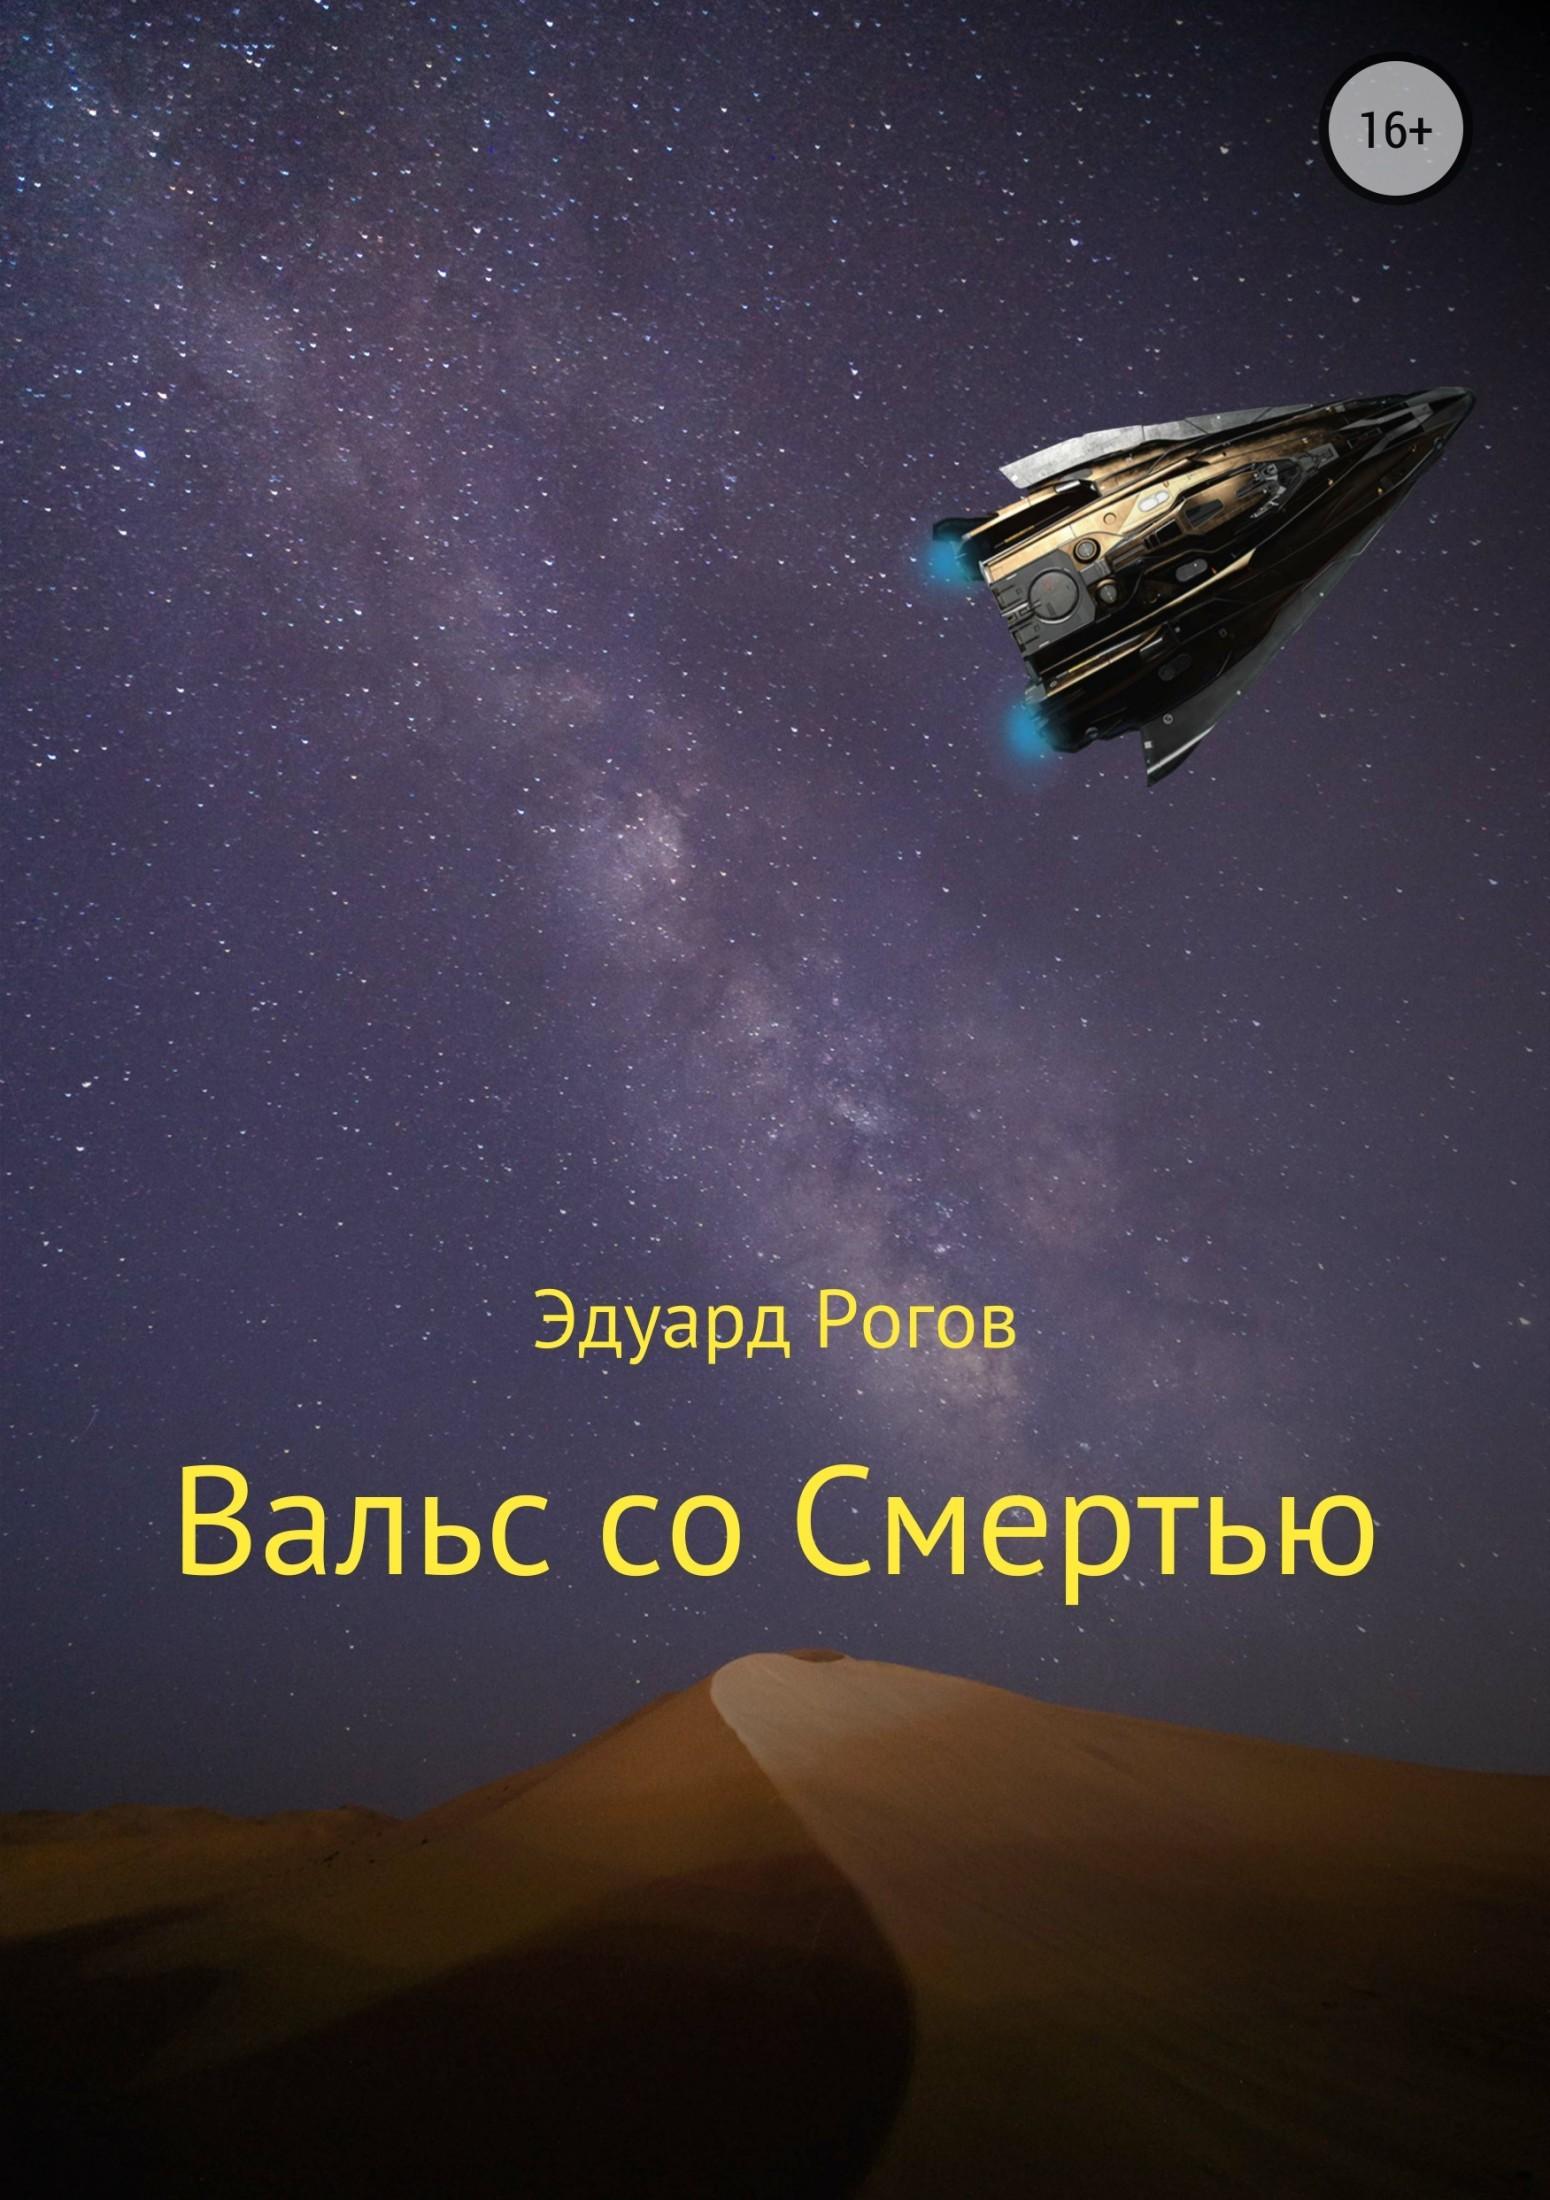 Эдуард Рогов. Вальс со Смертью